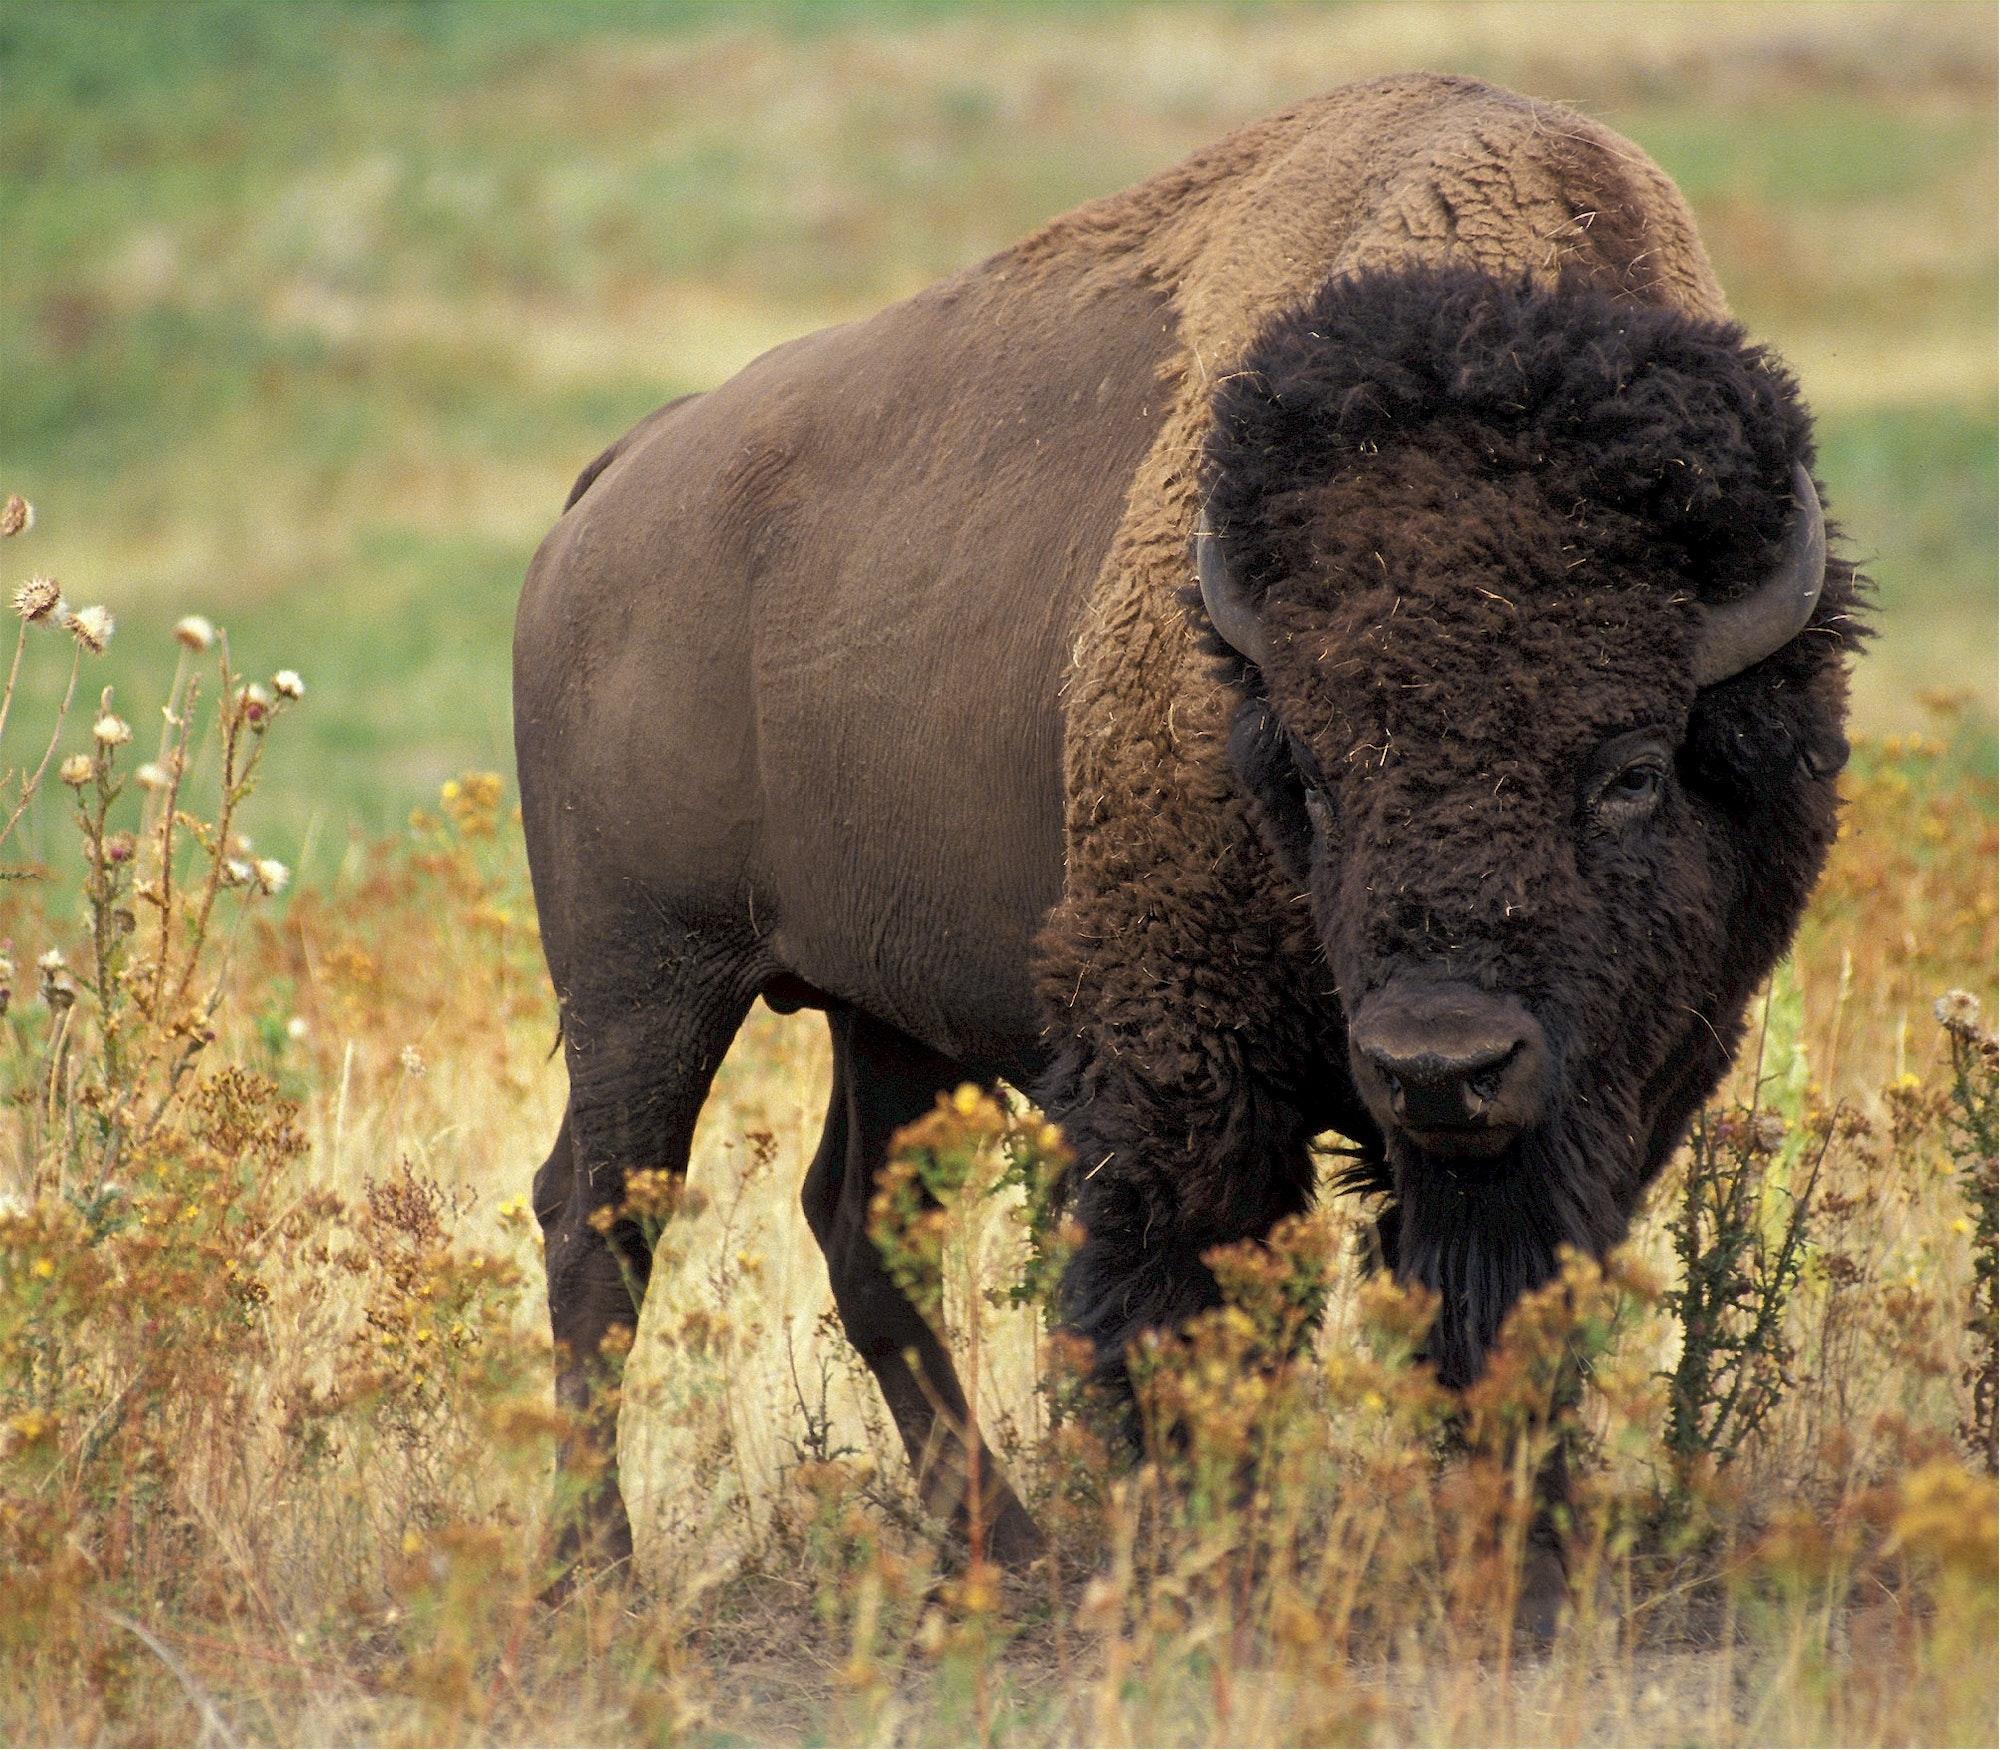 le bison est prêt à attaquer